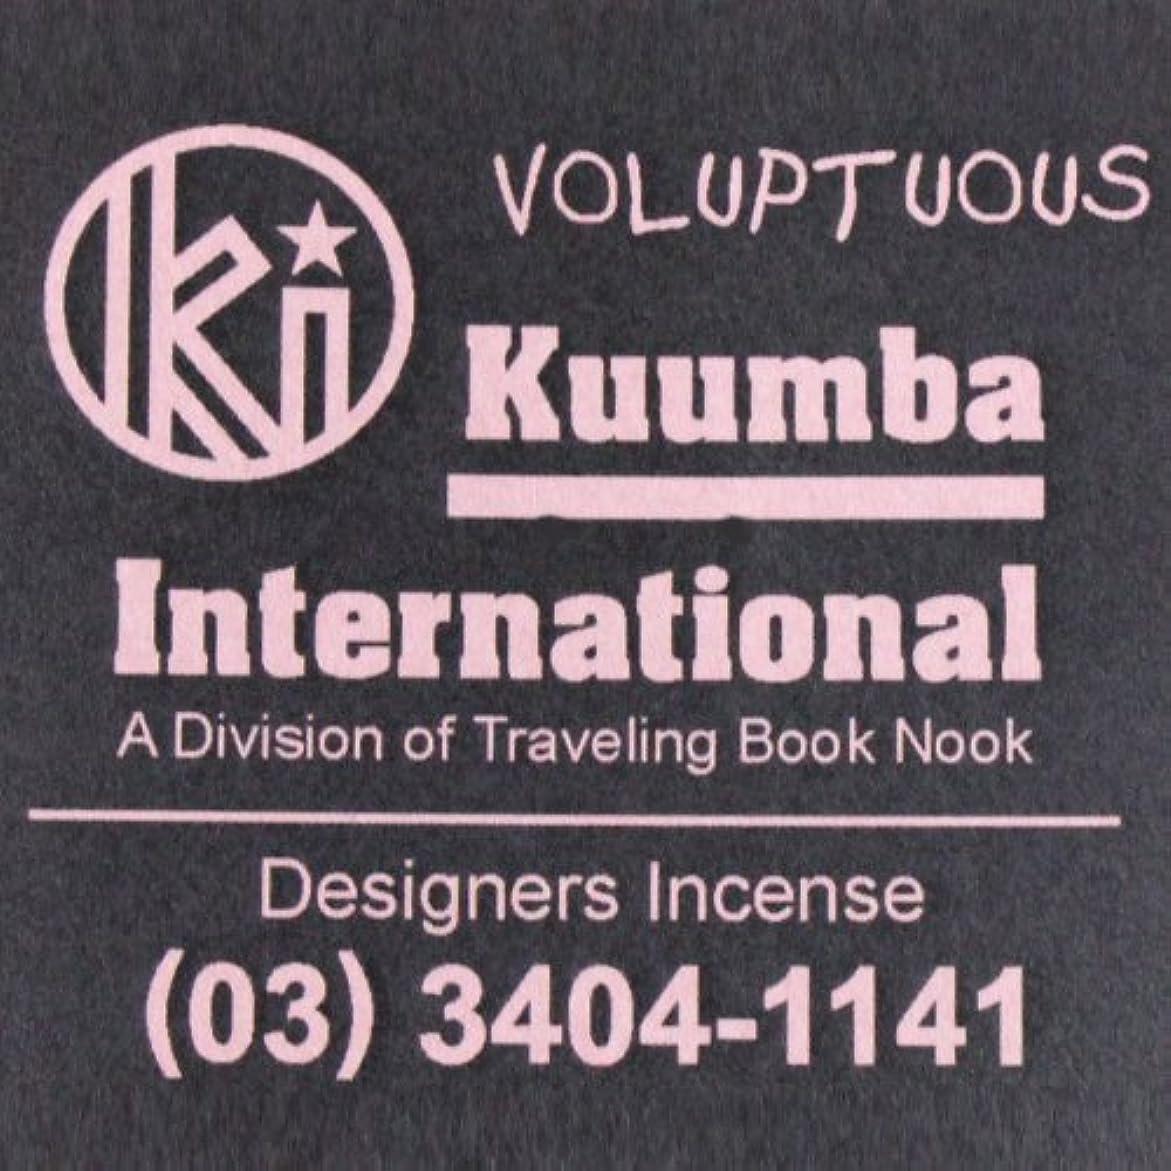 すぐにコミュニケーション可聴KUUMBA (クンバ)『incense』(VOLUPTUOUS) (Regular size)